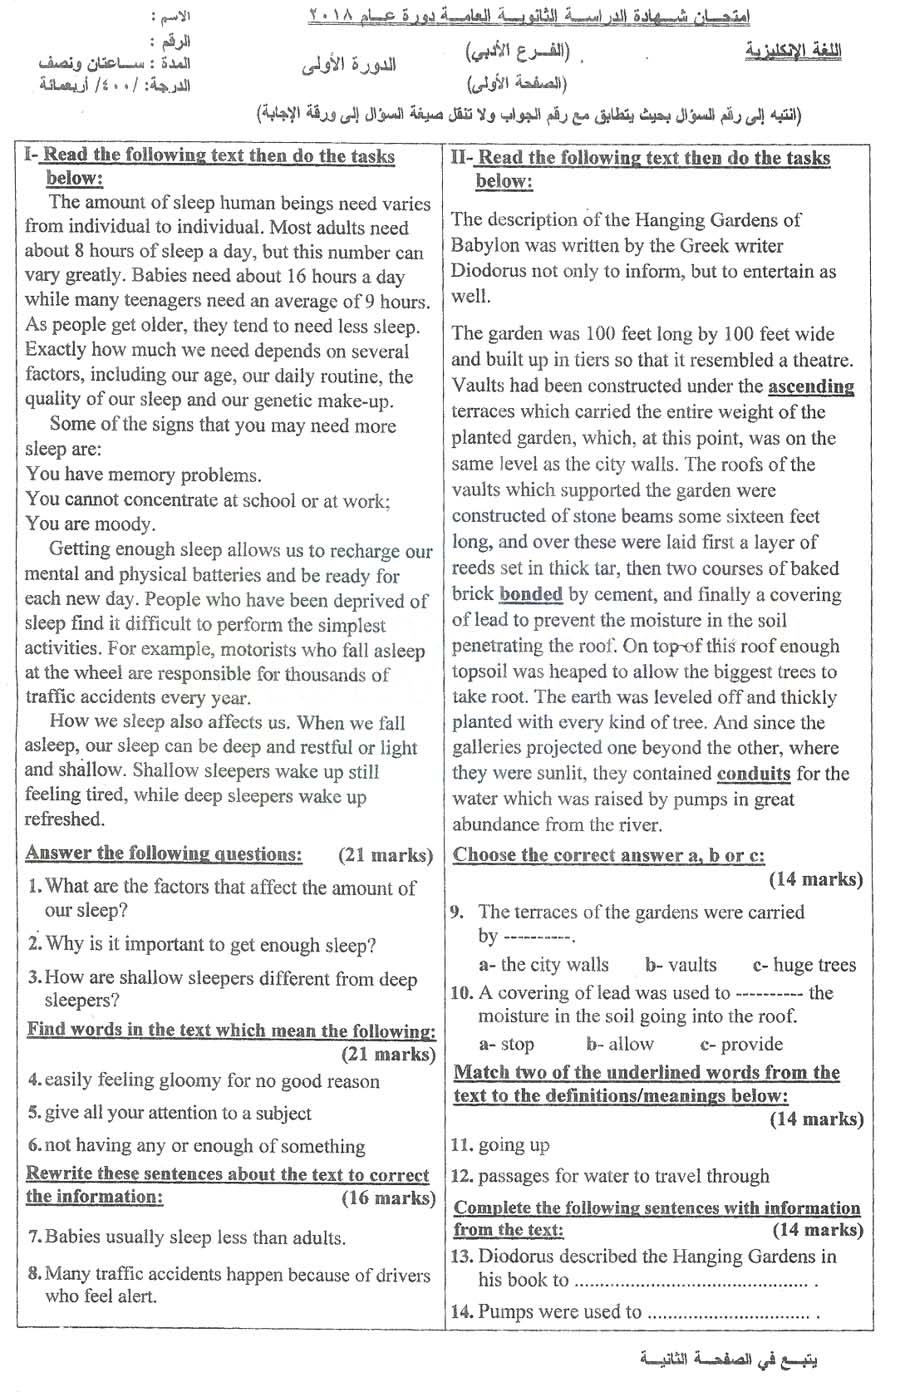 ورقة اسئلة امتحان اللغة الانجليزية الدورة الأولى البكالوريا الادبي 2018 مع الحل